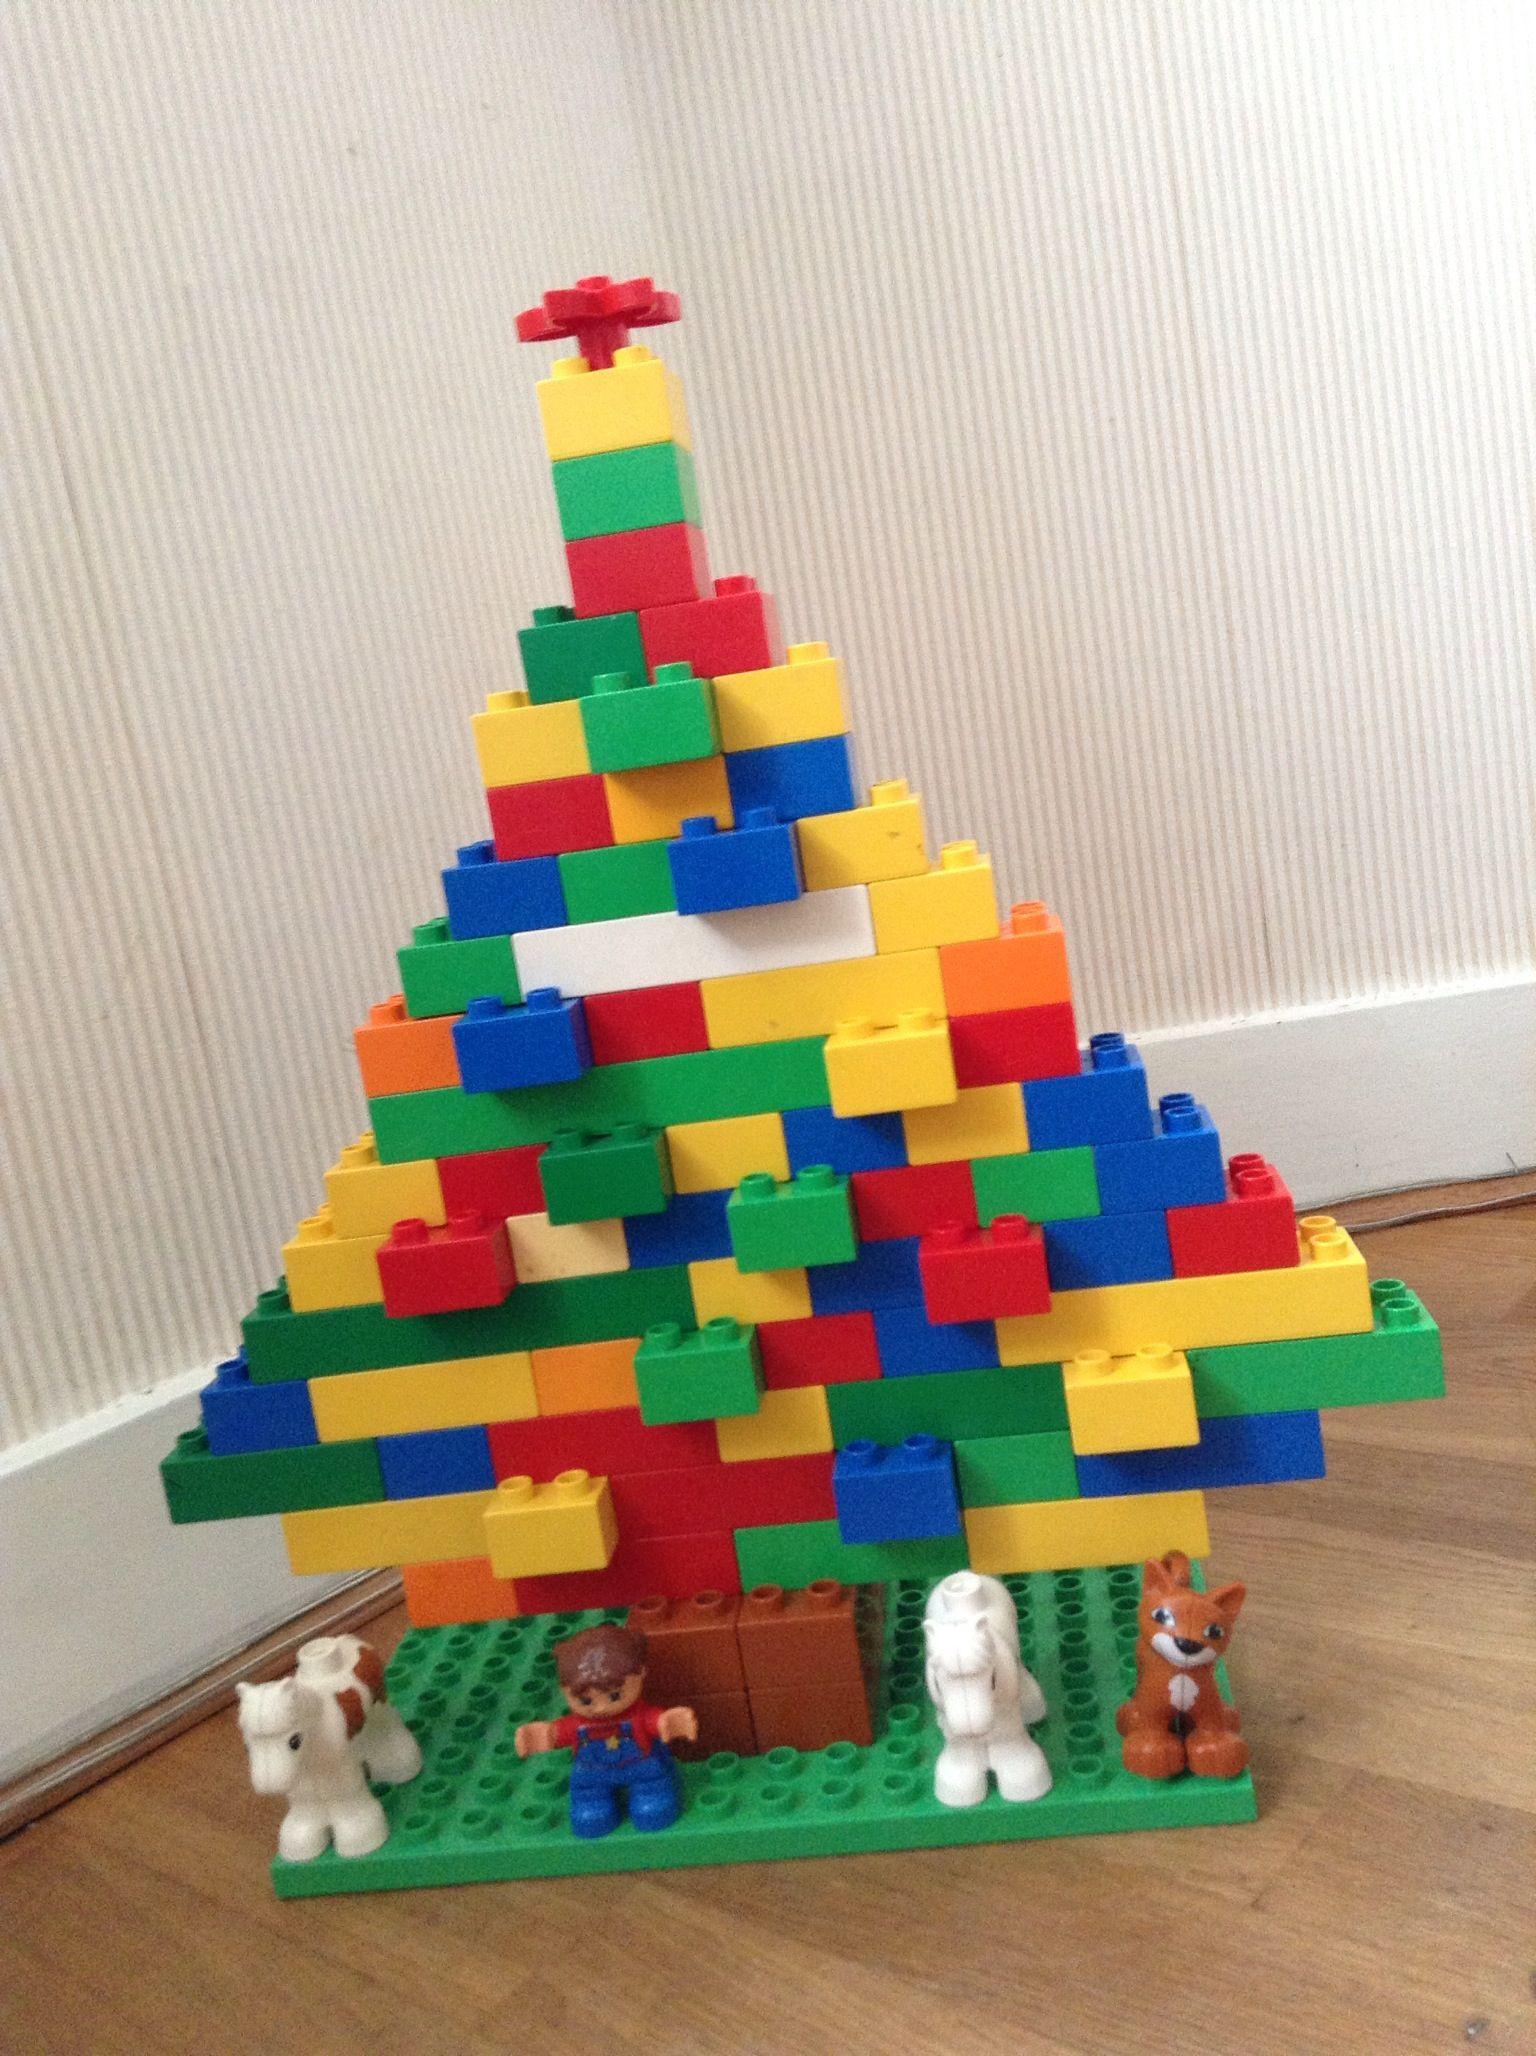 Duplo Kerstboom Preschool Christmaschristmas Activitiesdecor Craftslego